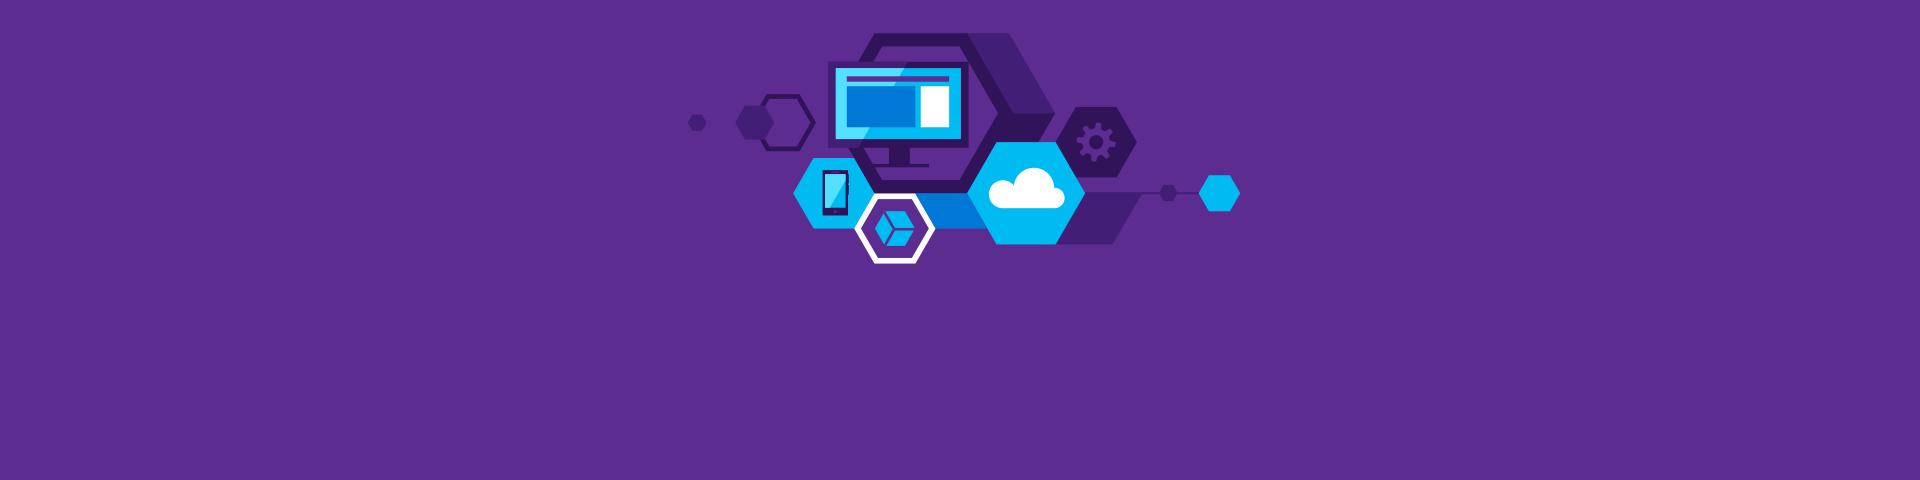 PC, teléfono, nube y otros iconos de tecnología